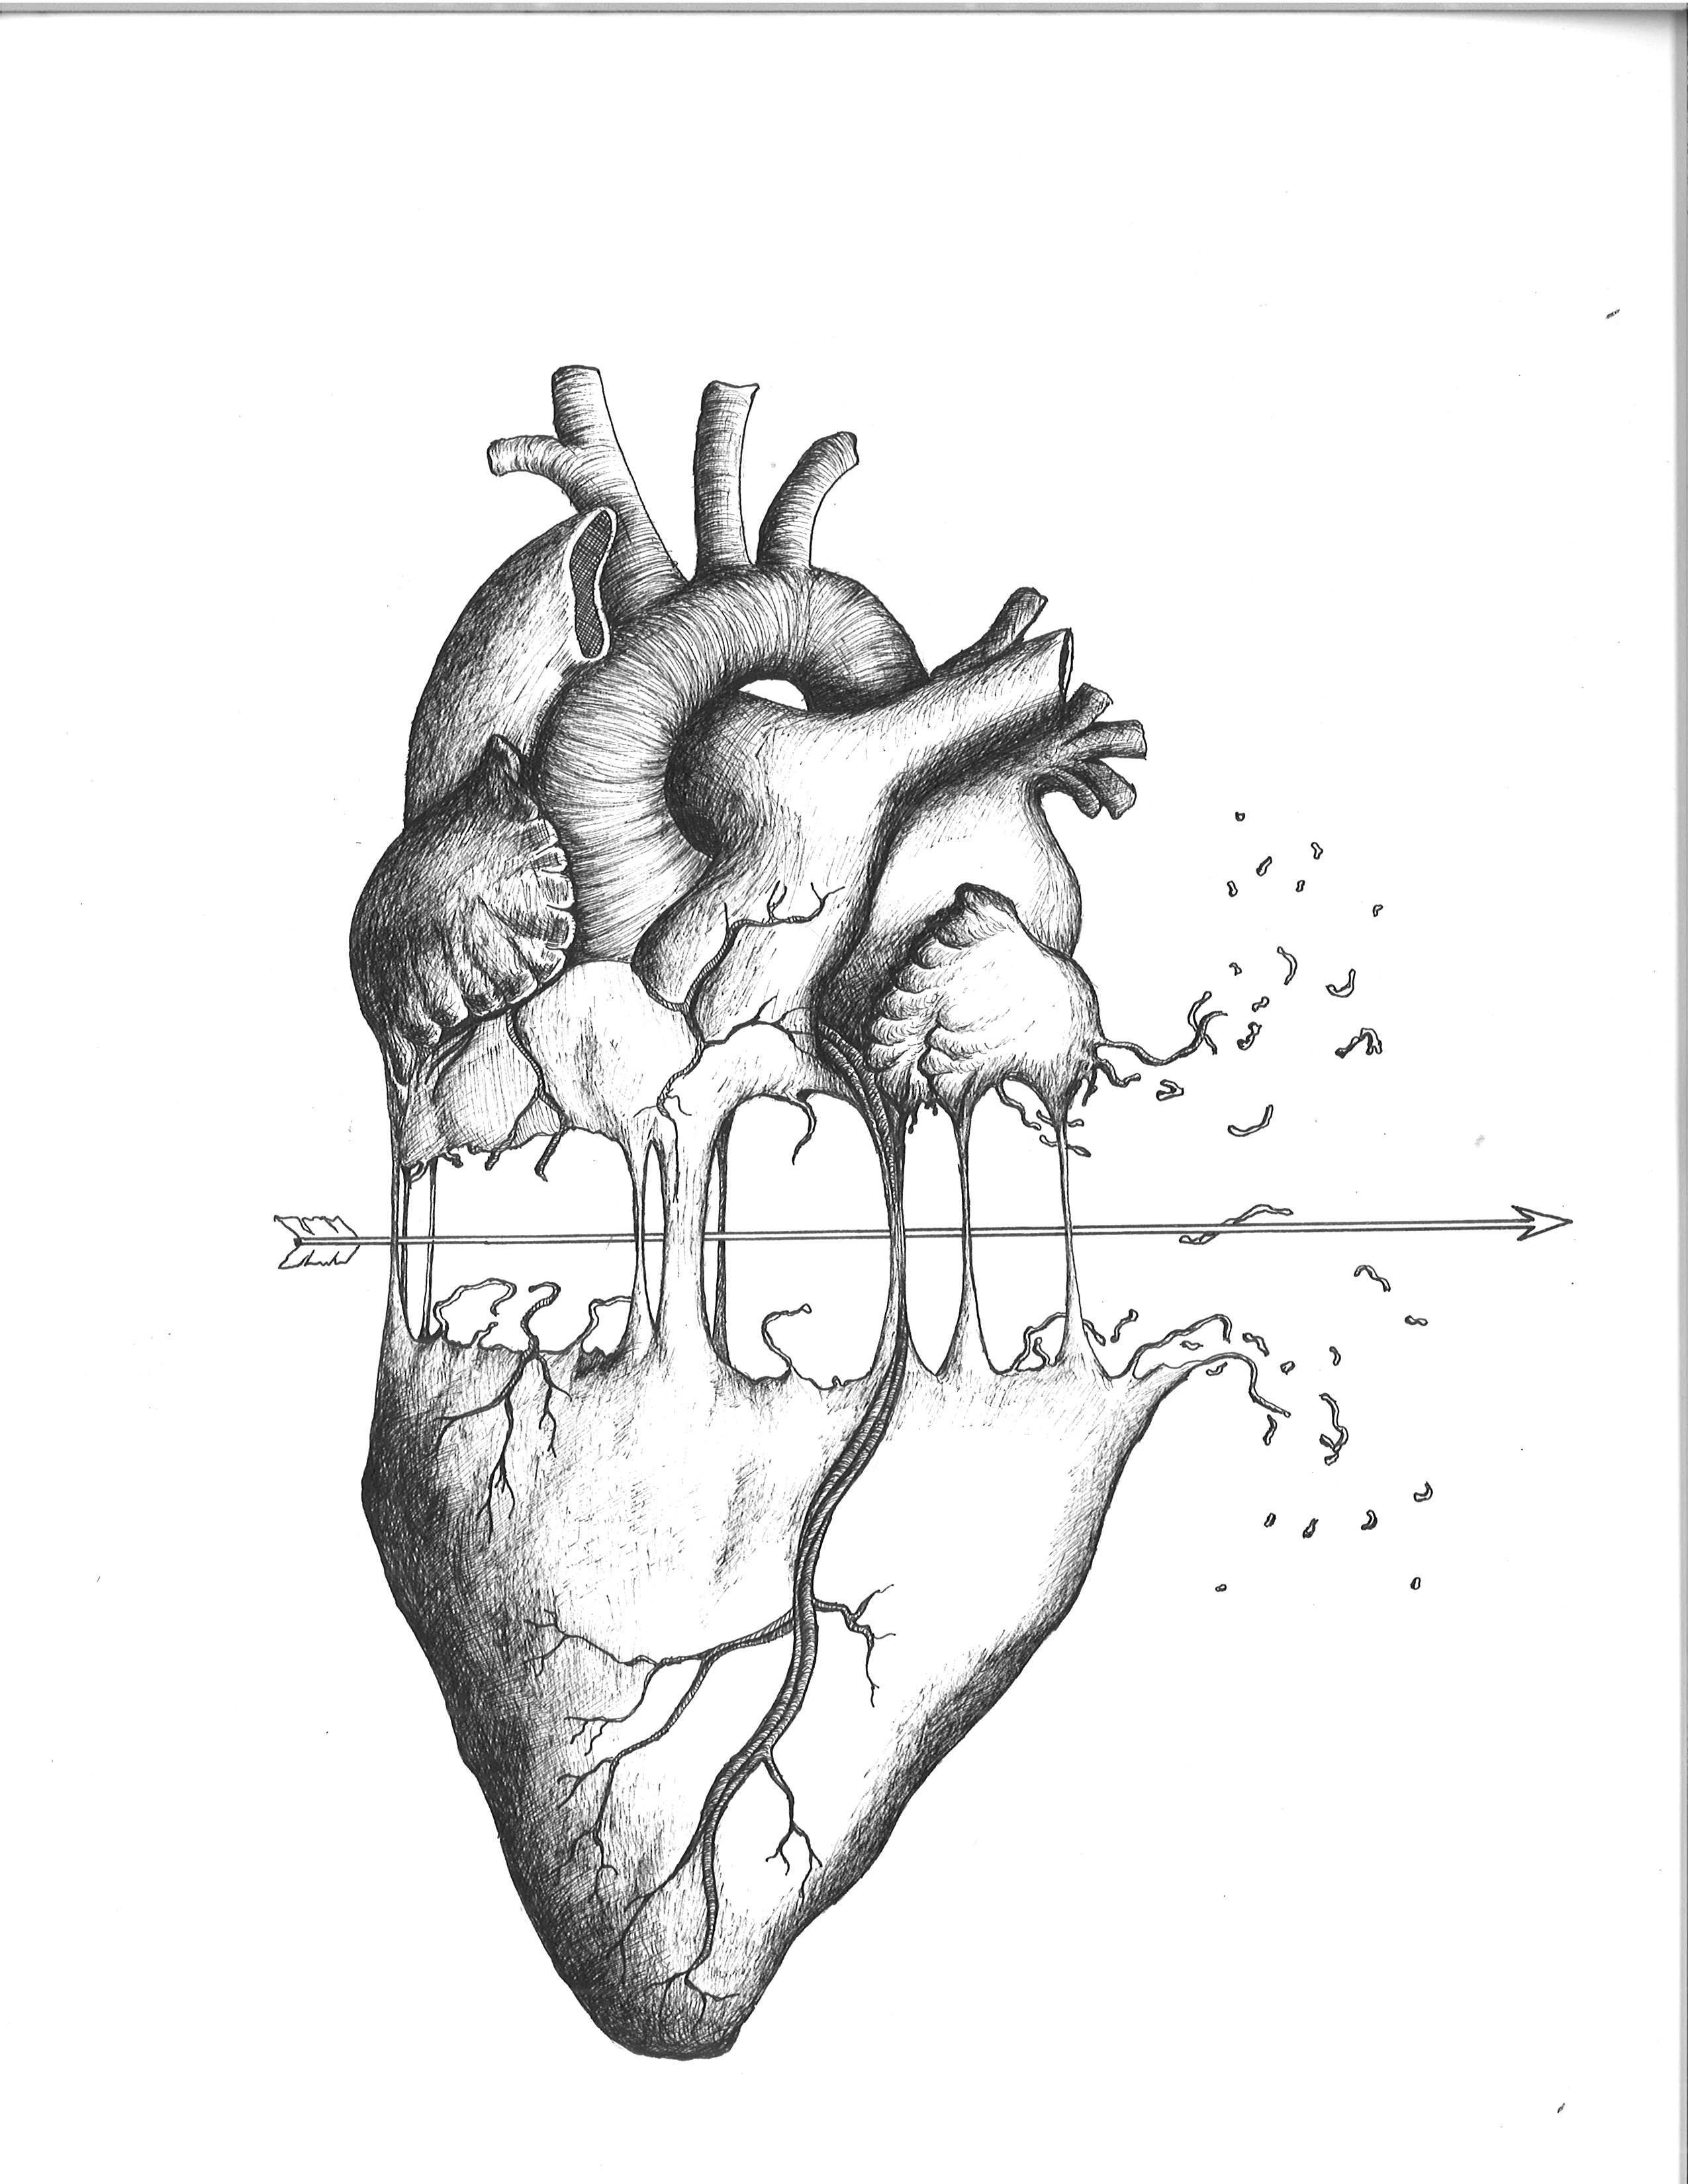 Heartbreak Pendrawing Drawing Heartbreak Inkweaver Art